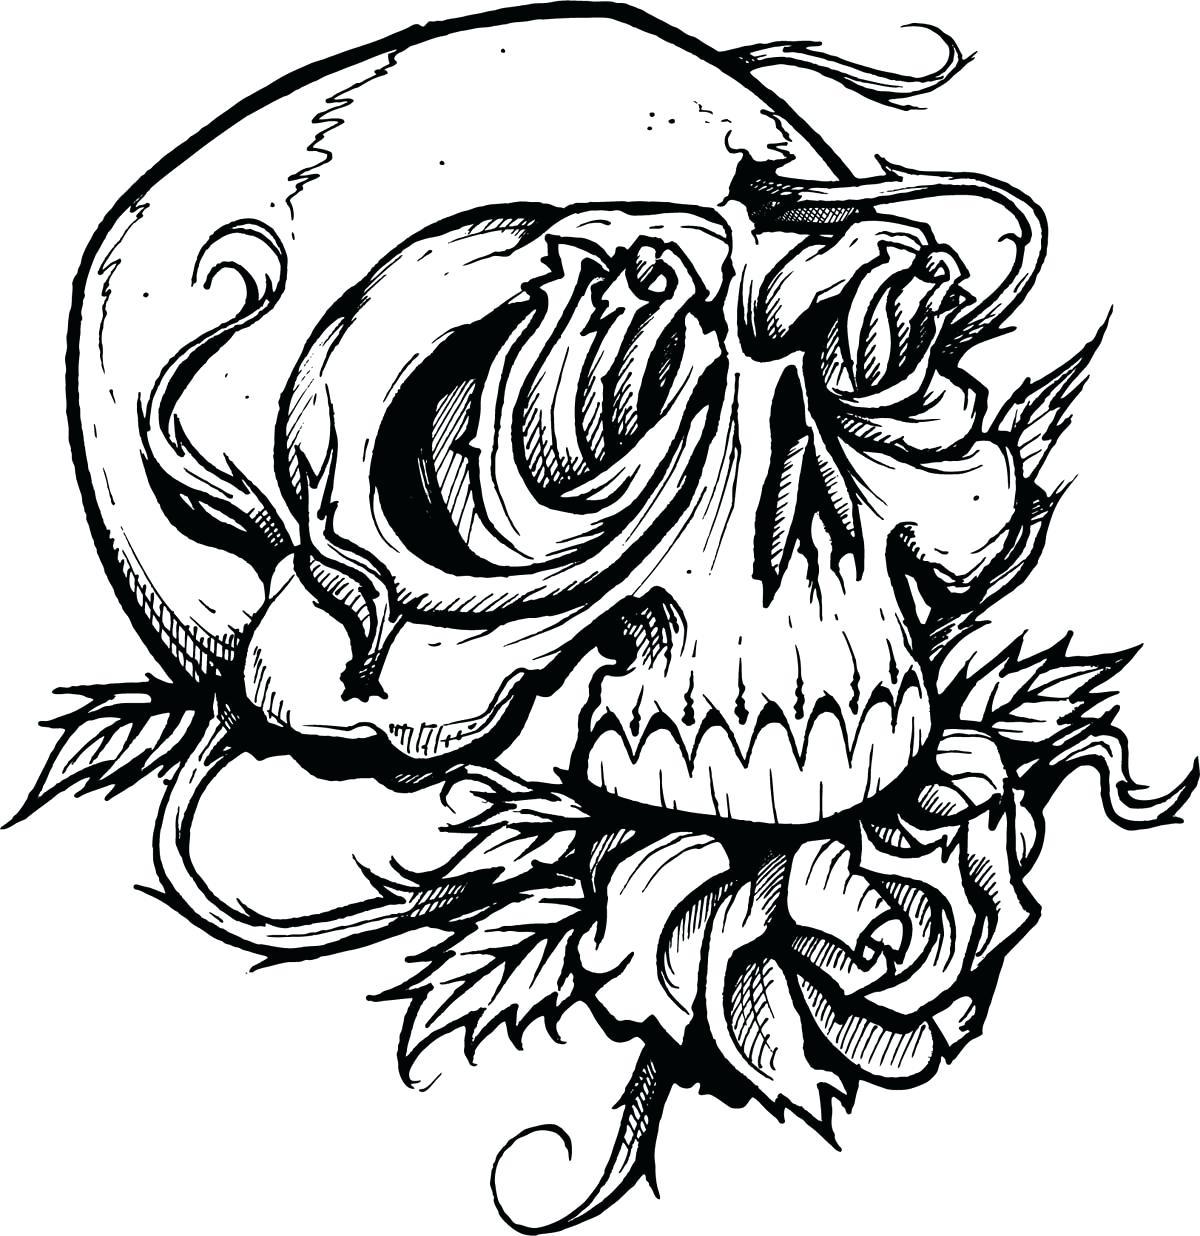 1200x1236 Printable Nautical Skull Drawing Printable Drawn Flames. Nautical